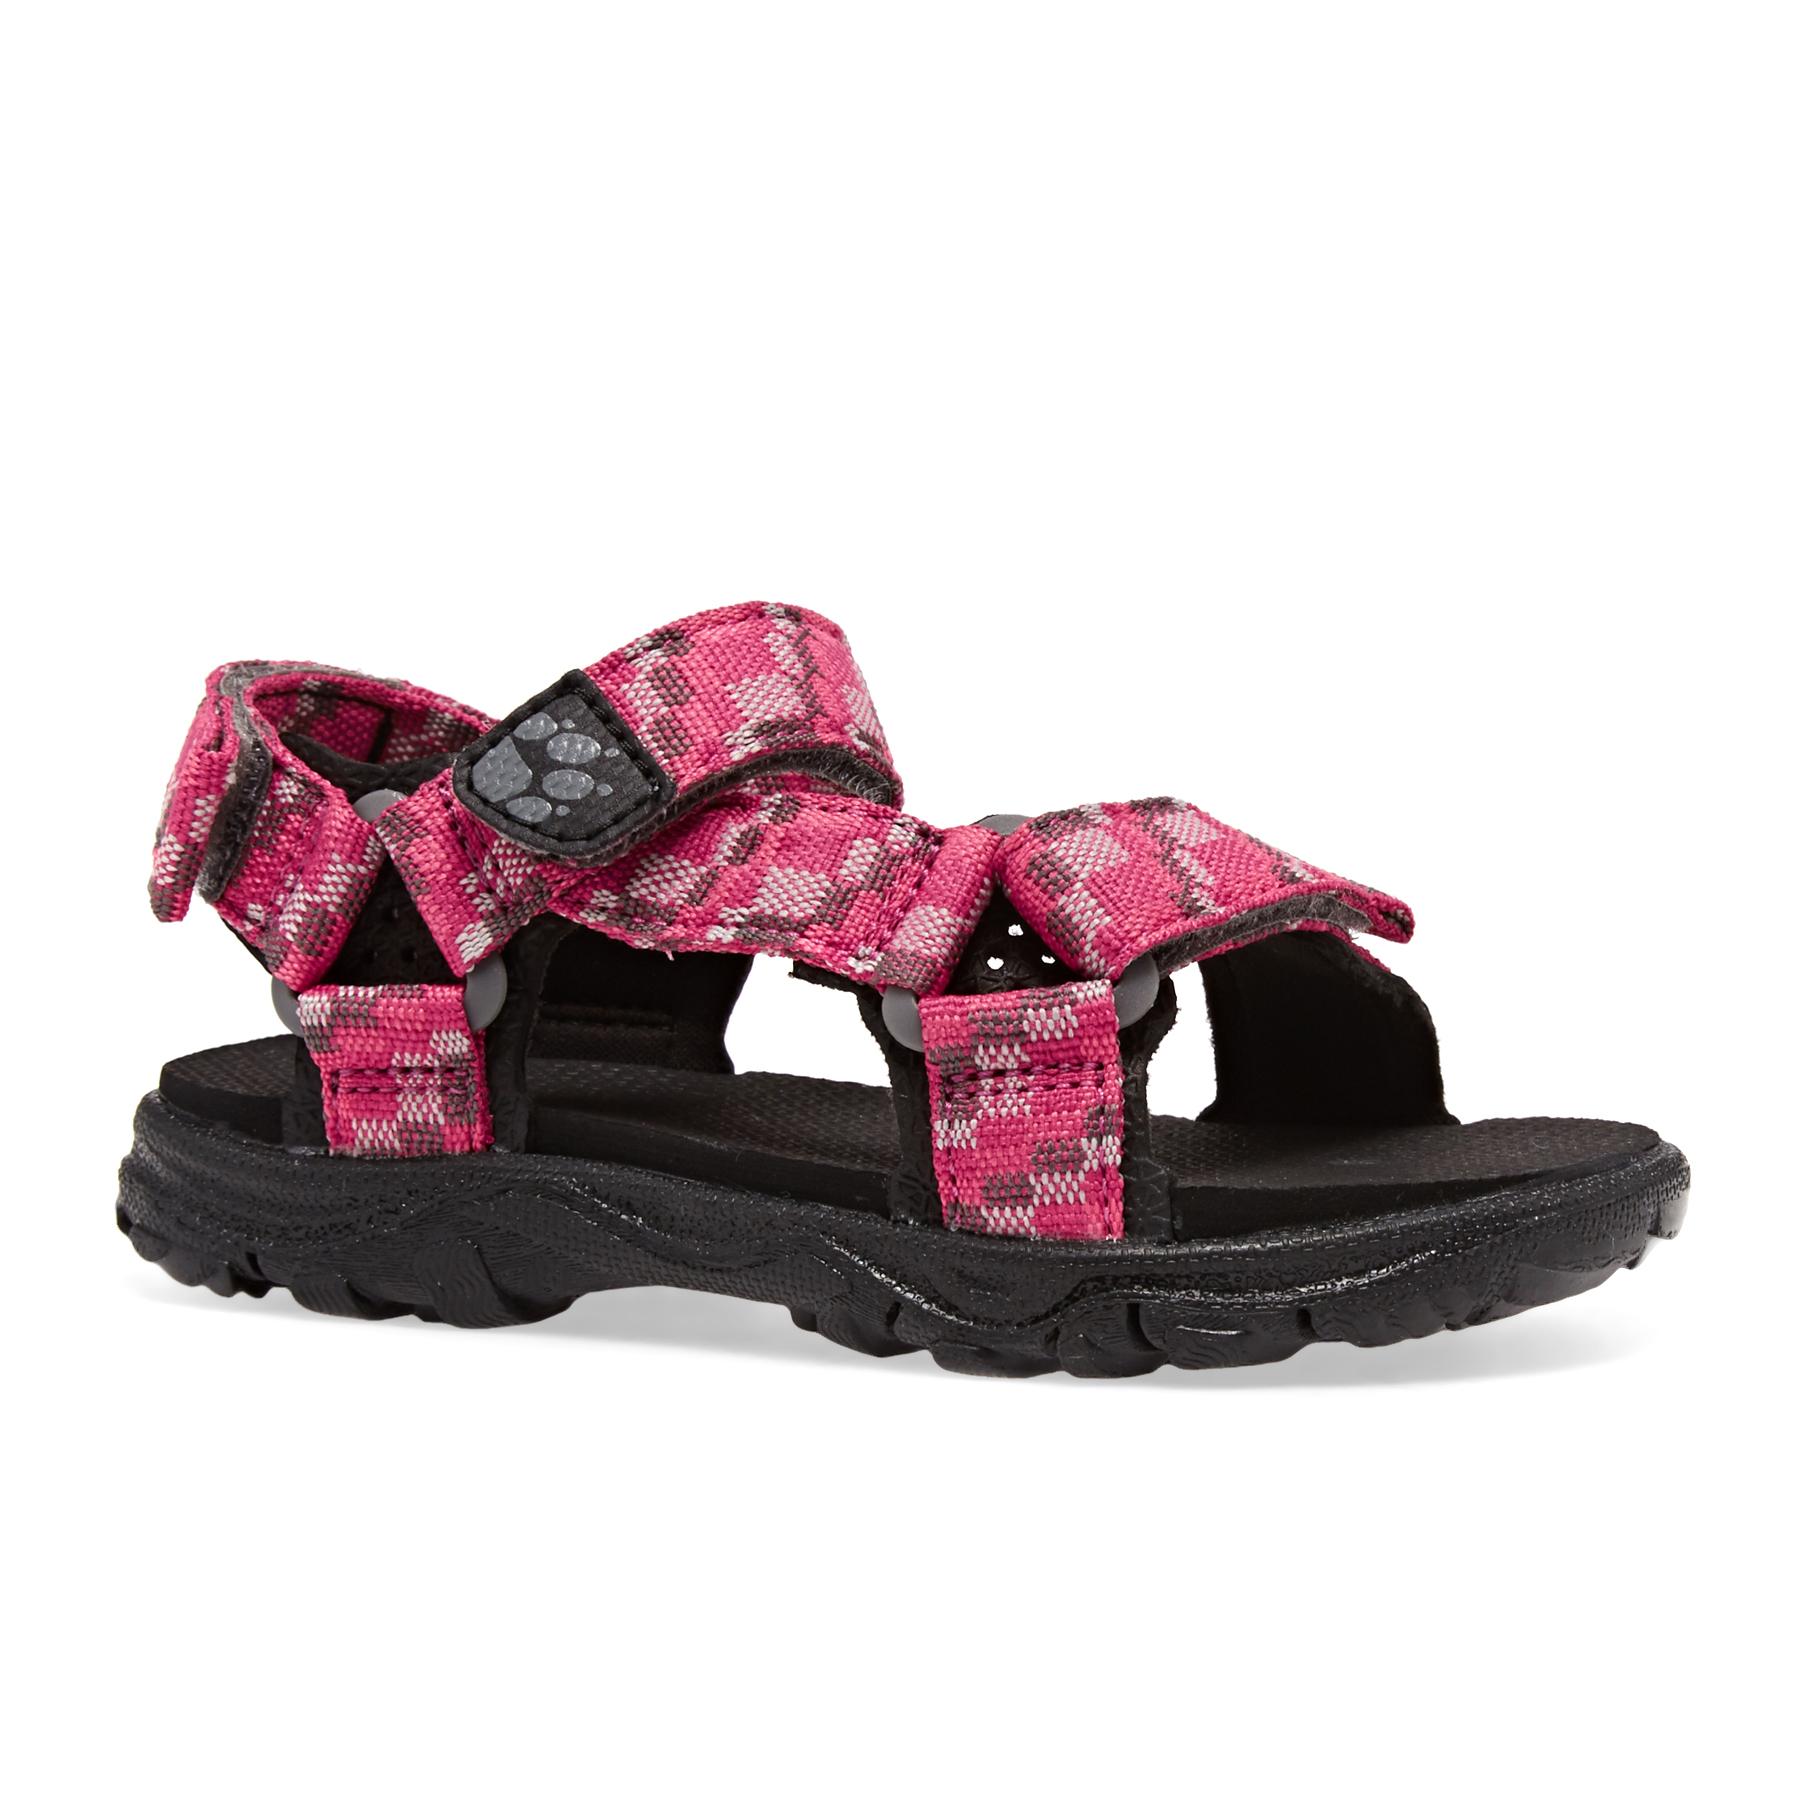 Jack Wolfskin Seven Seas 2 Sandals Mädchen tropic pink